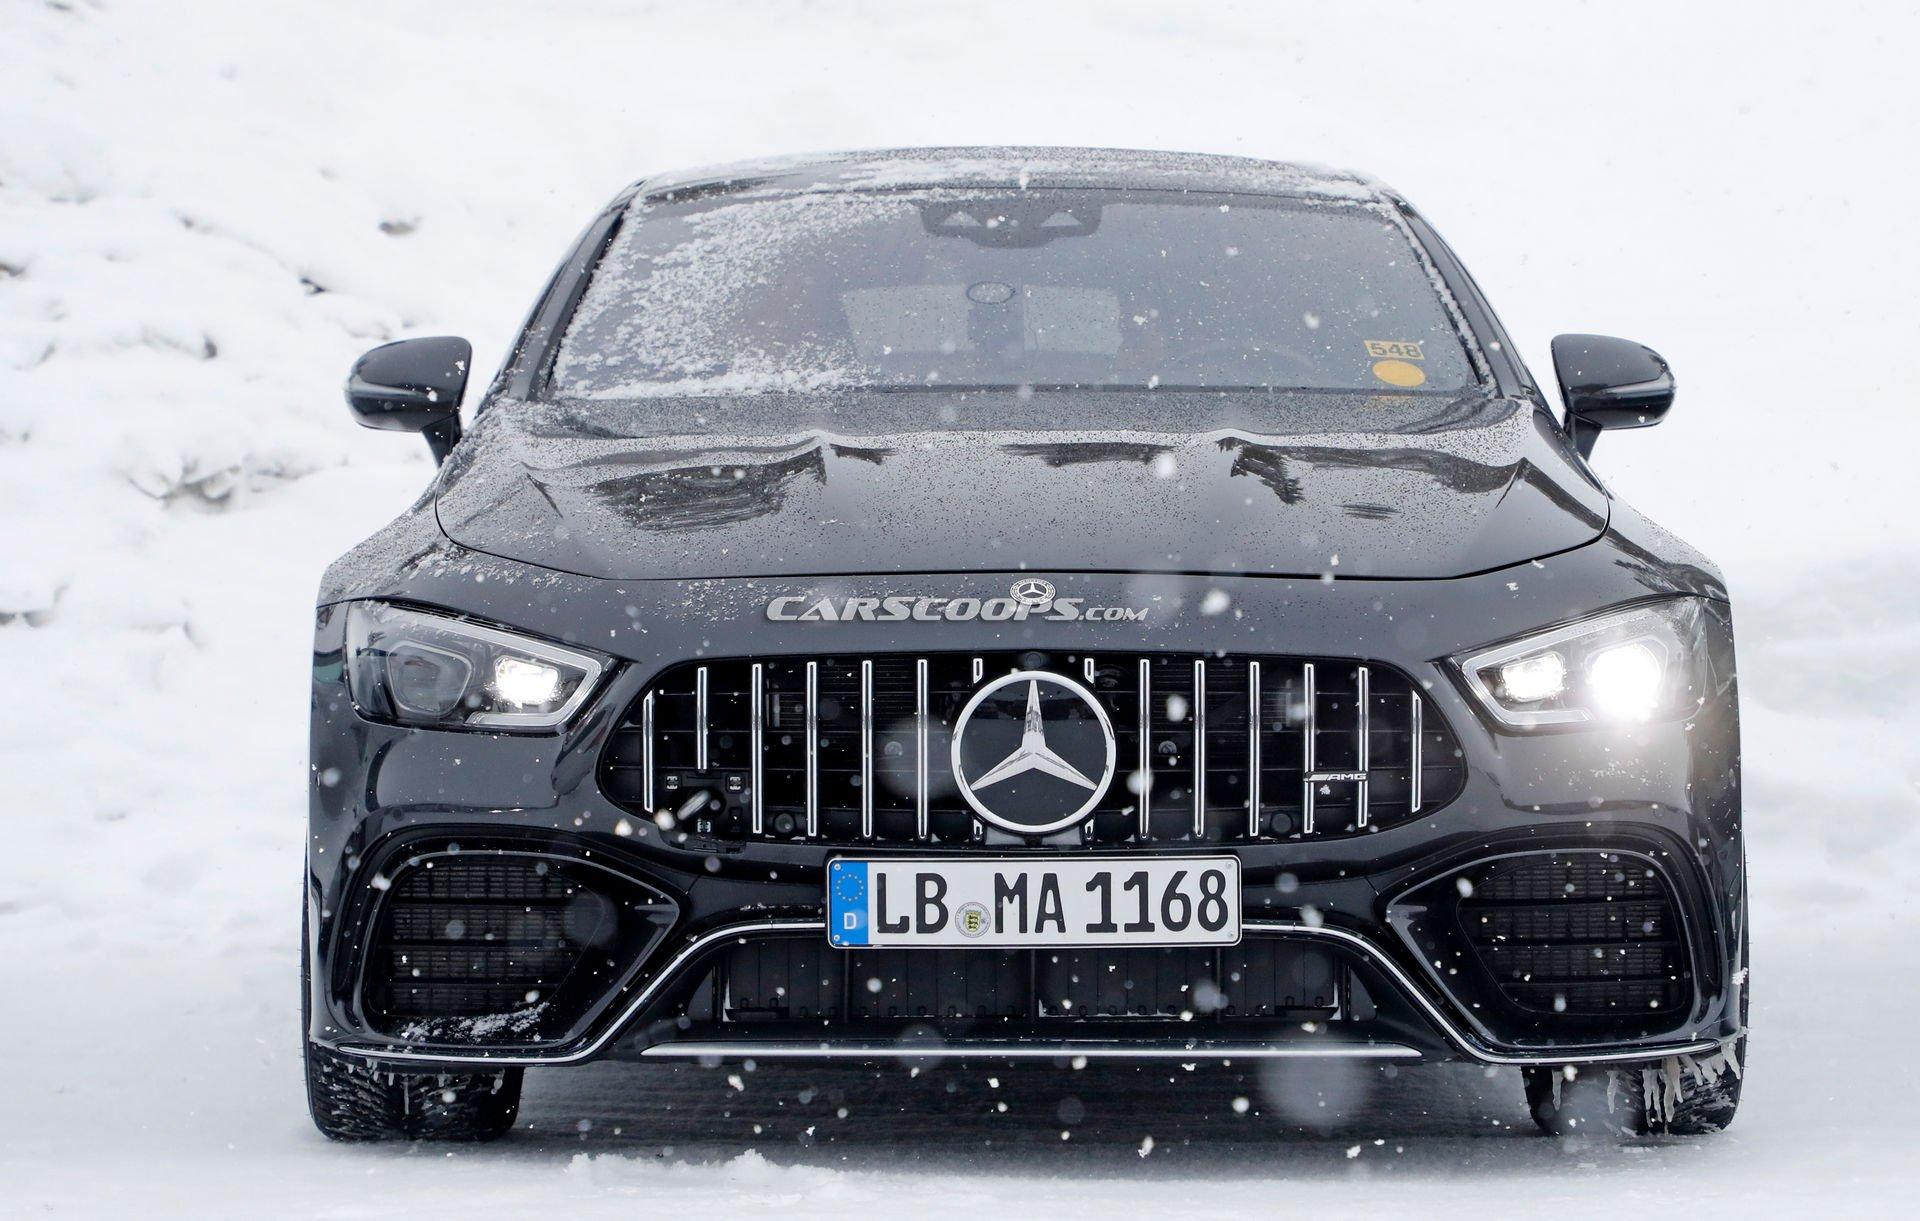 Mercedes выпустит 800-сильный AMG GT 73 в конце года